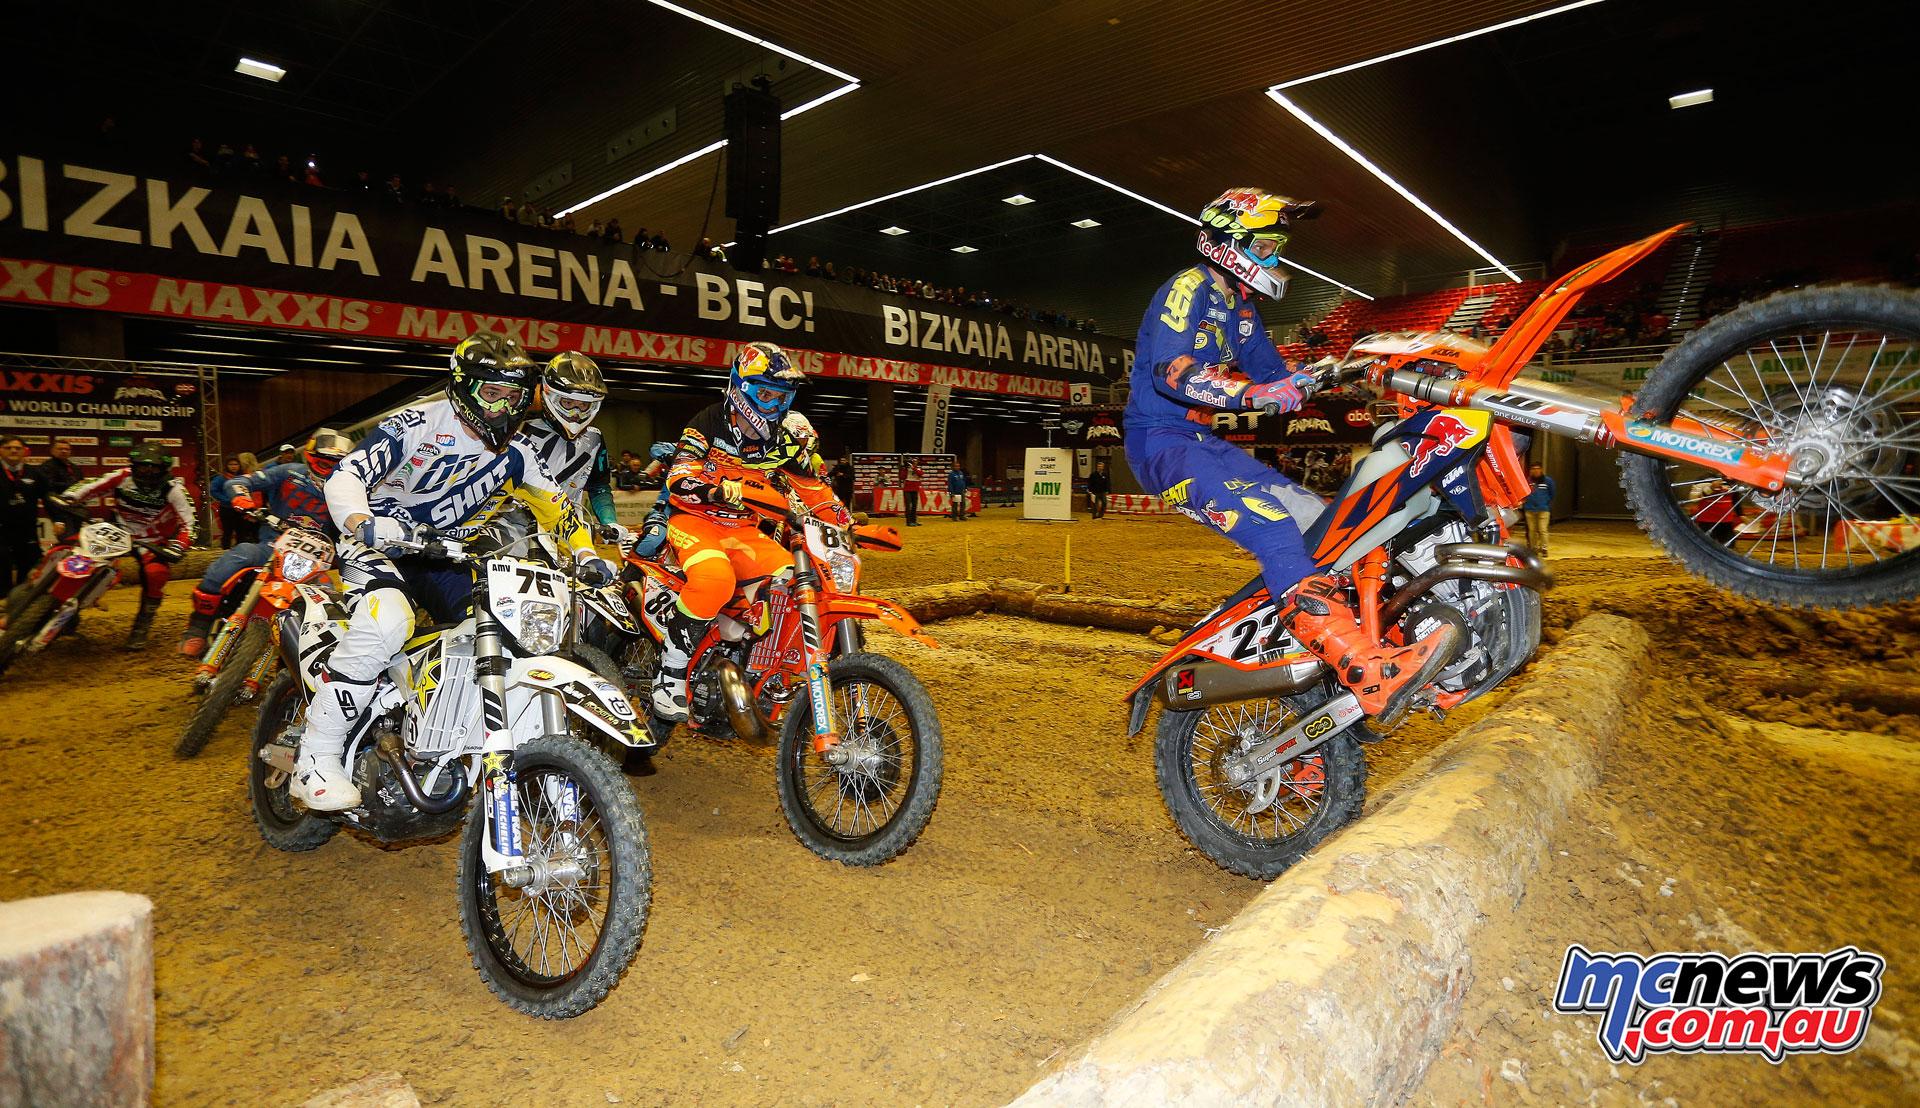 c7926386238 Alfredo Gomez takes Superenduro win in Spain   MCNews.com.au